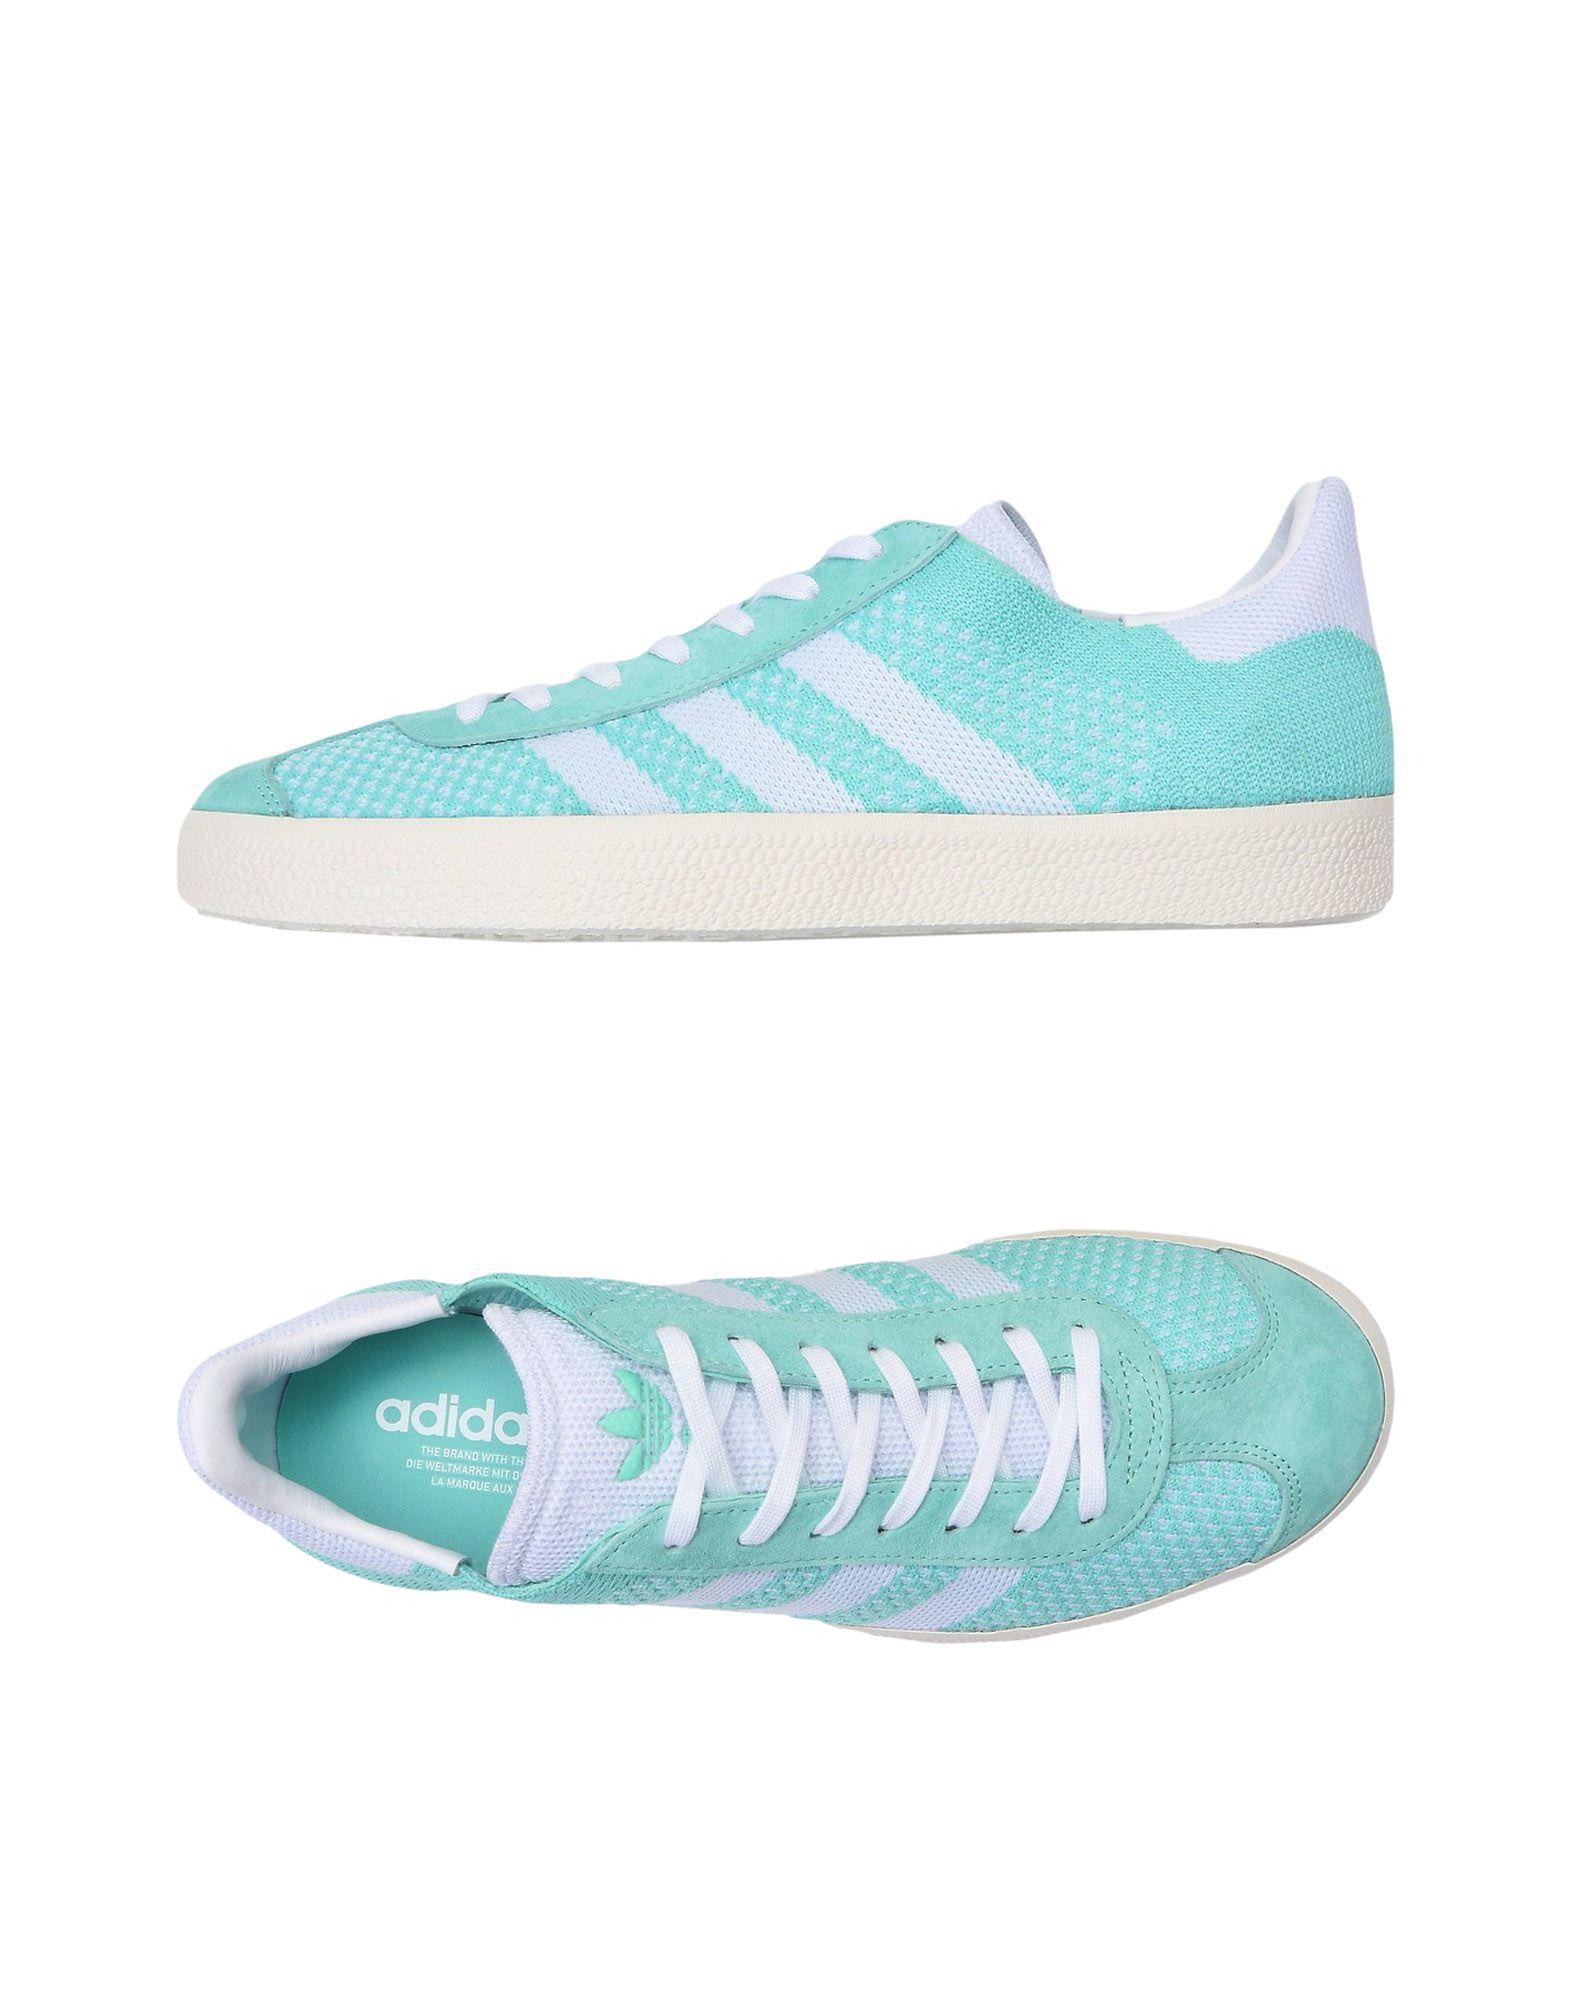 Los últimos zapatos de descuento para hombres y Adidas mujeres Zapatillas Adidas y Originals Gazelle Pk W - Mujer - Zapatillas Adidas Originals  Verde claro e35eca